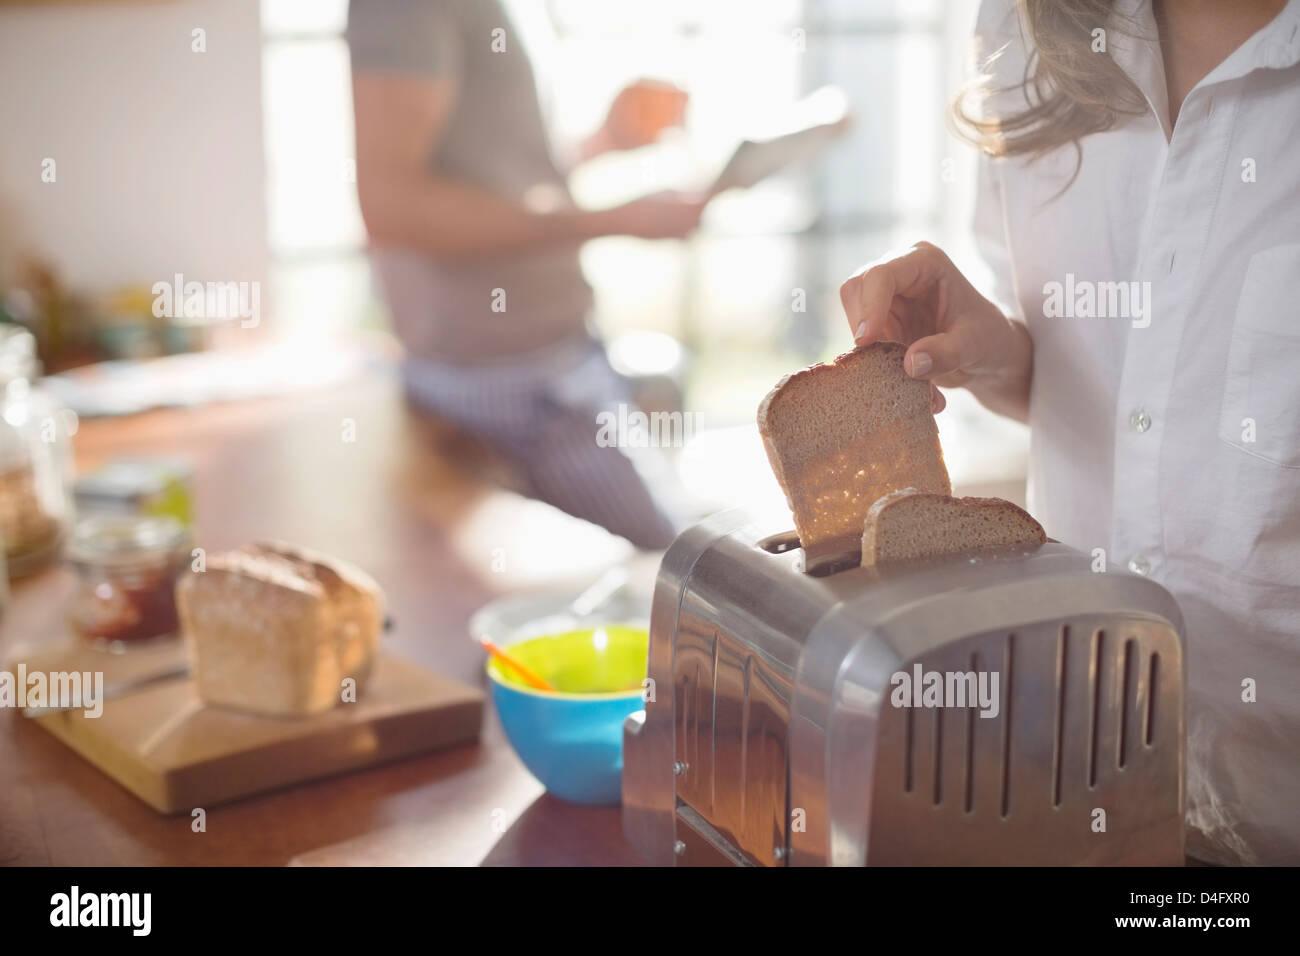 Donna mettendo il pane nel tostapane Immagini Stock